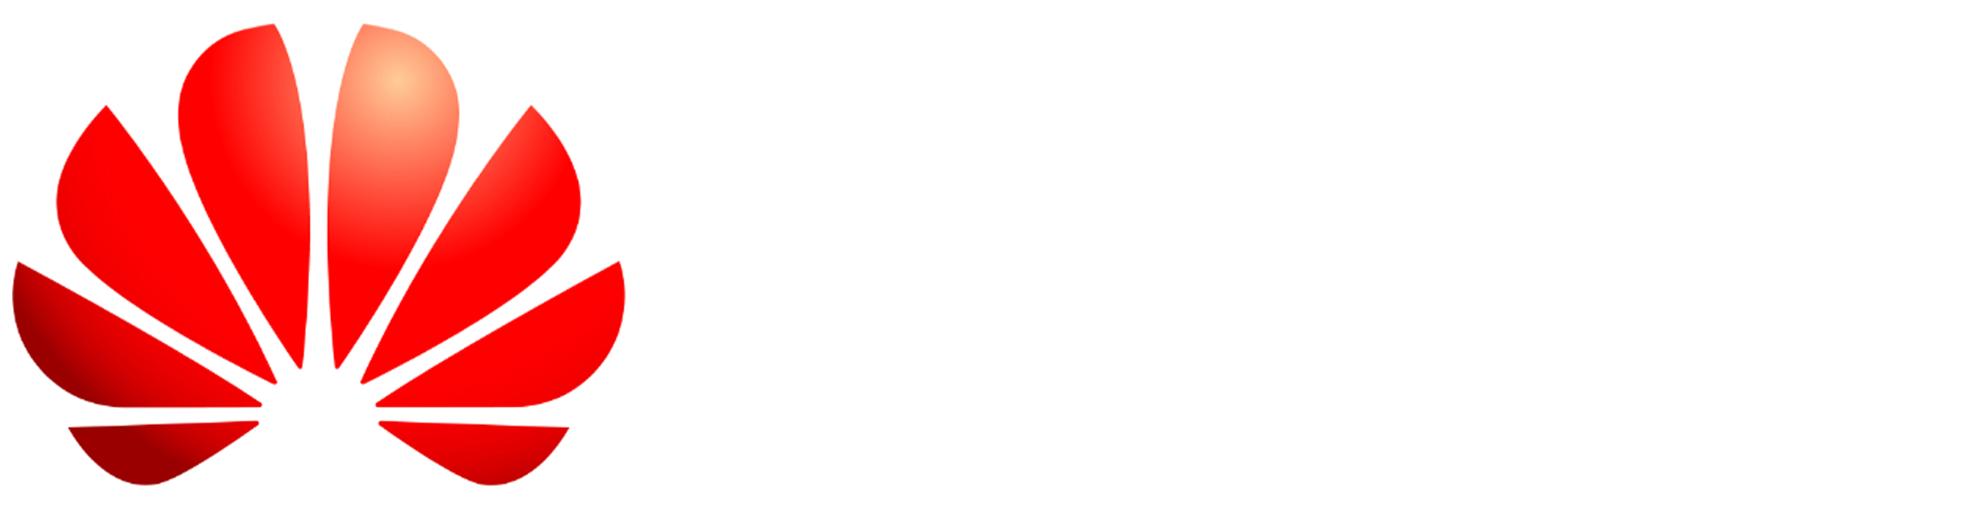 Huawei Logo Png.